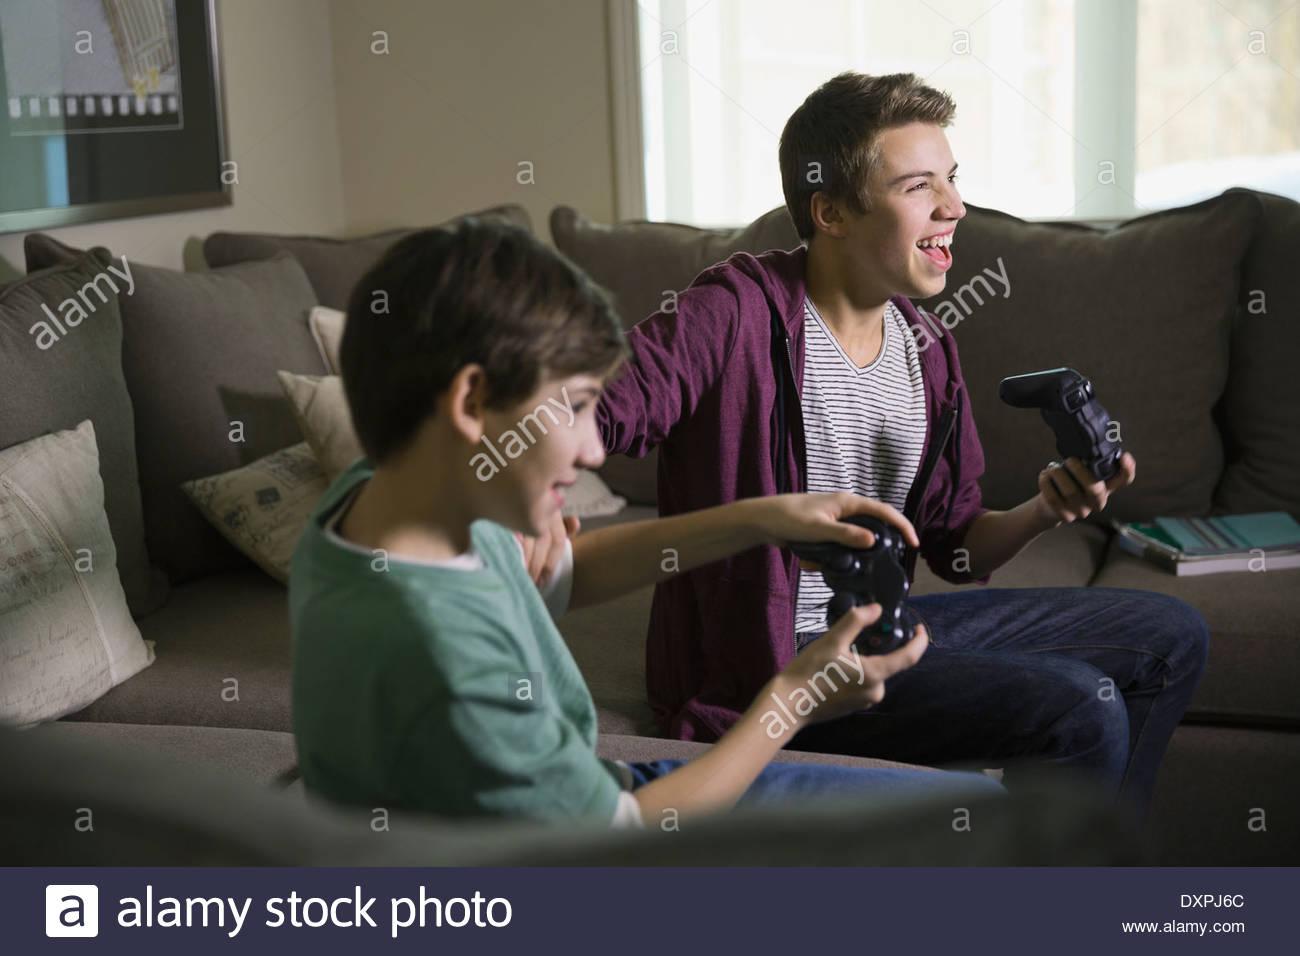 Frères excité à jouer aux jeux vidéo sur canapé Photo Stock